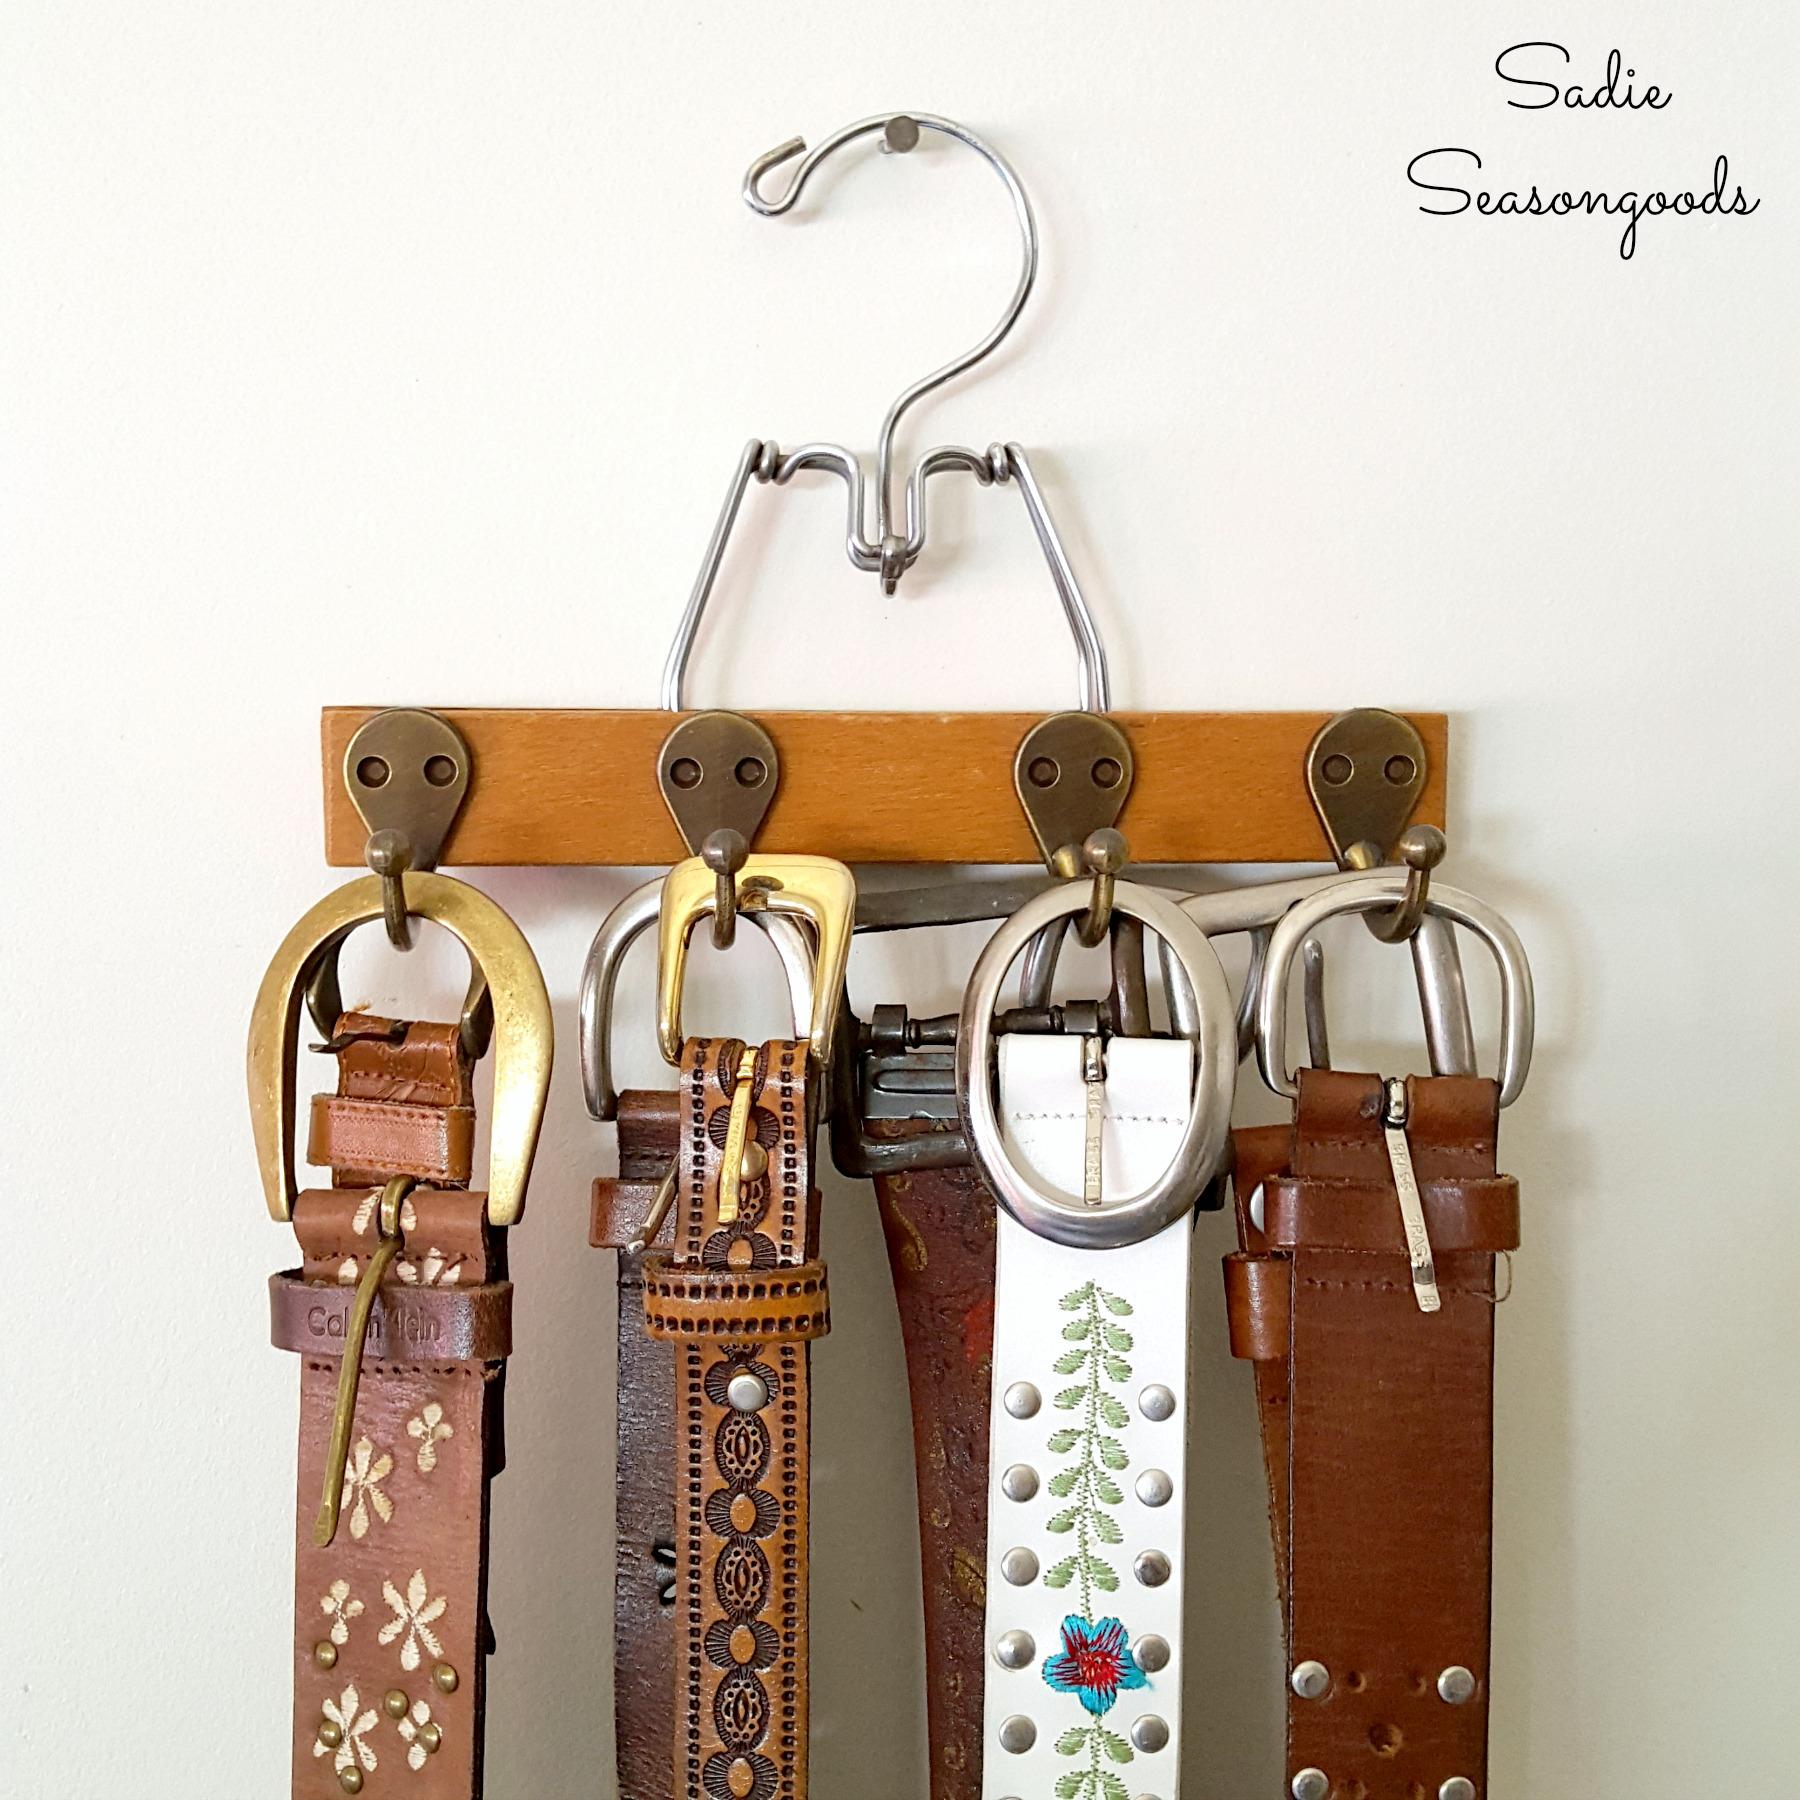 Vintage pant hanger turned belt organizer, by Sadie Seasongoods, featured on Funky Junk Interiors